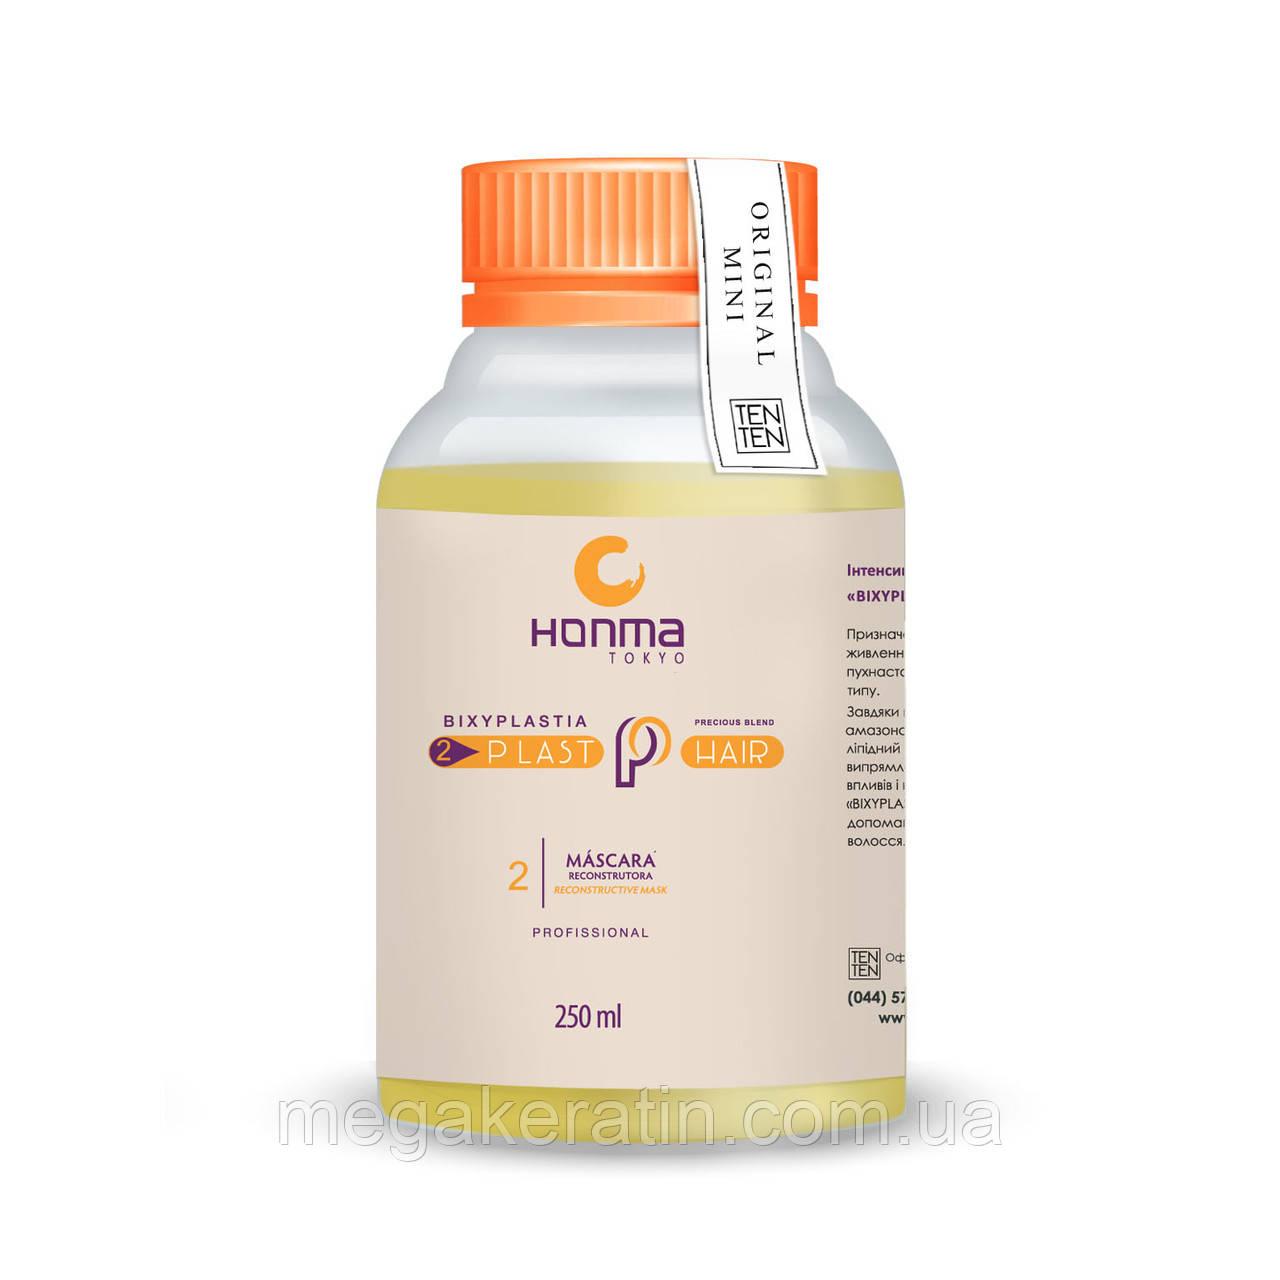 Кератин для выпрямления Plast Hair Bixyplastia (Биксипластия) Honma Tokyo 250мл